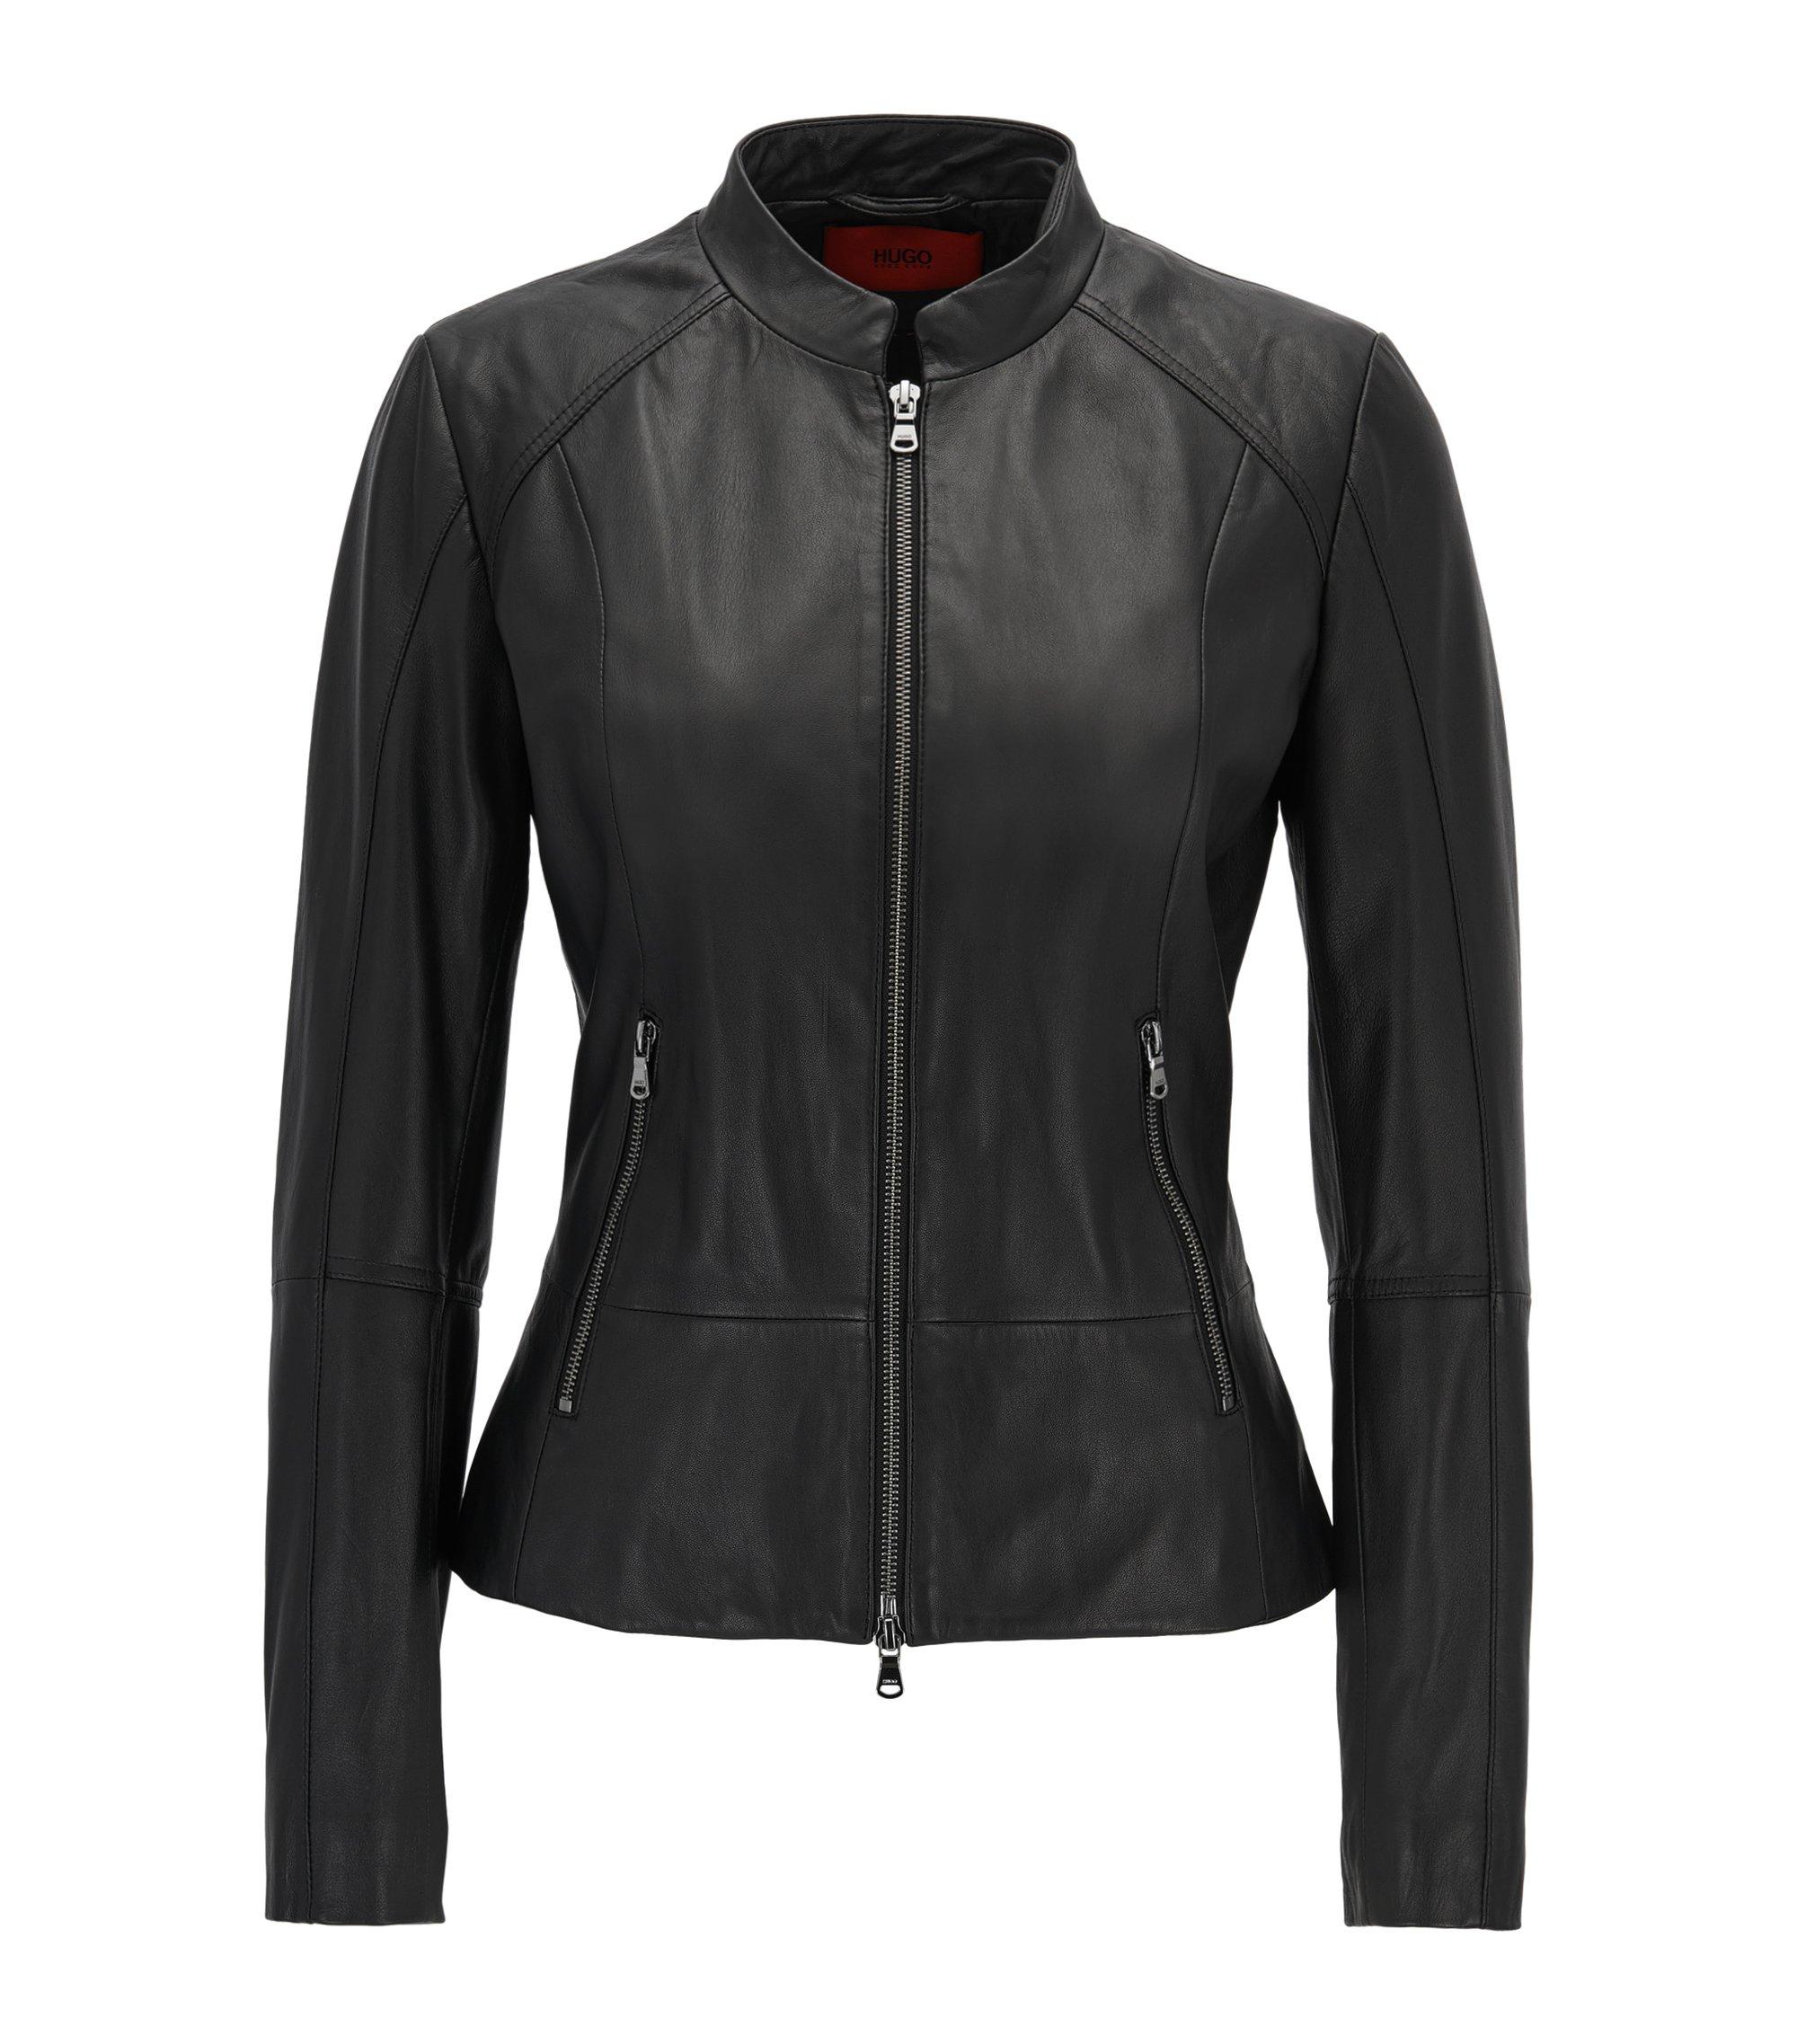 Regular-Fit Lederjacke mit Reißverschluss-Details, Schwarz